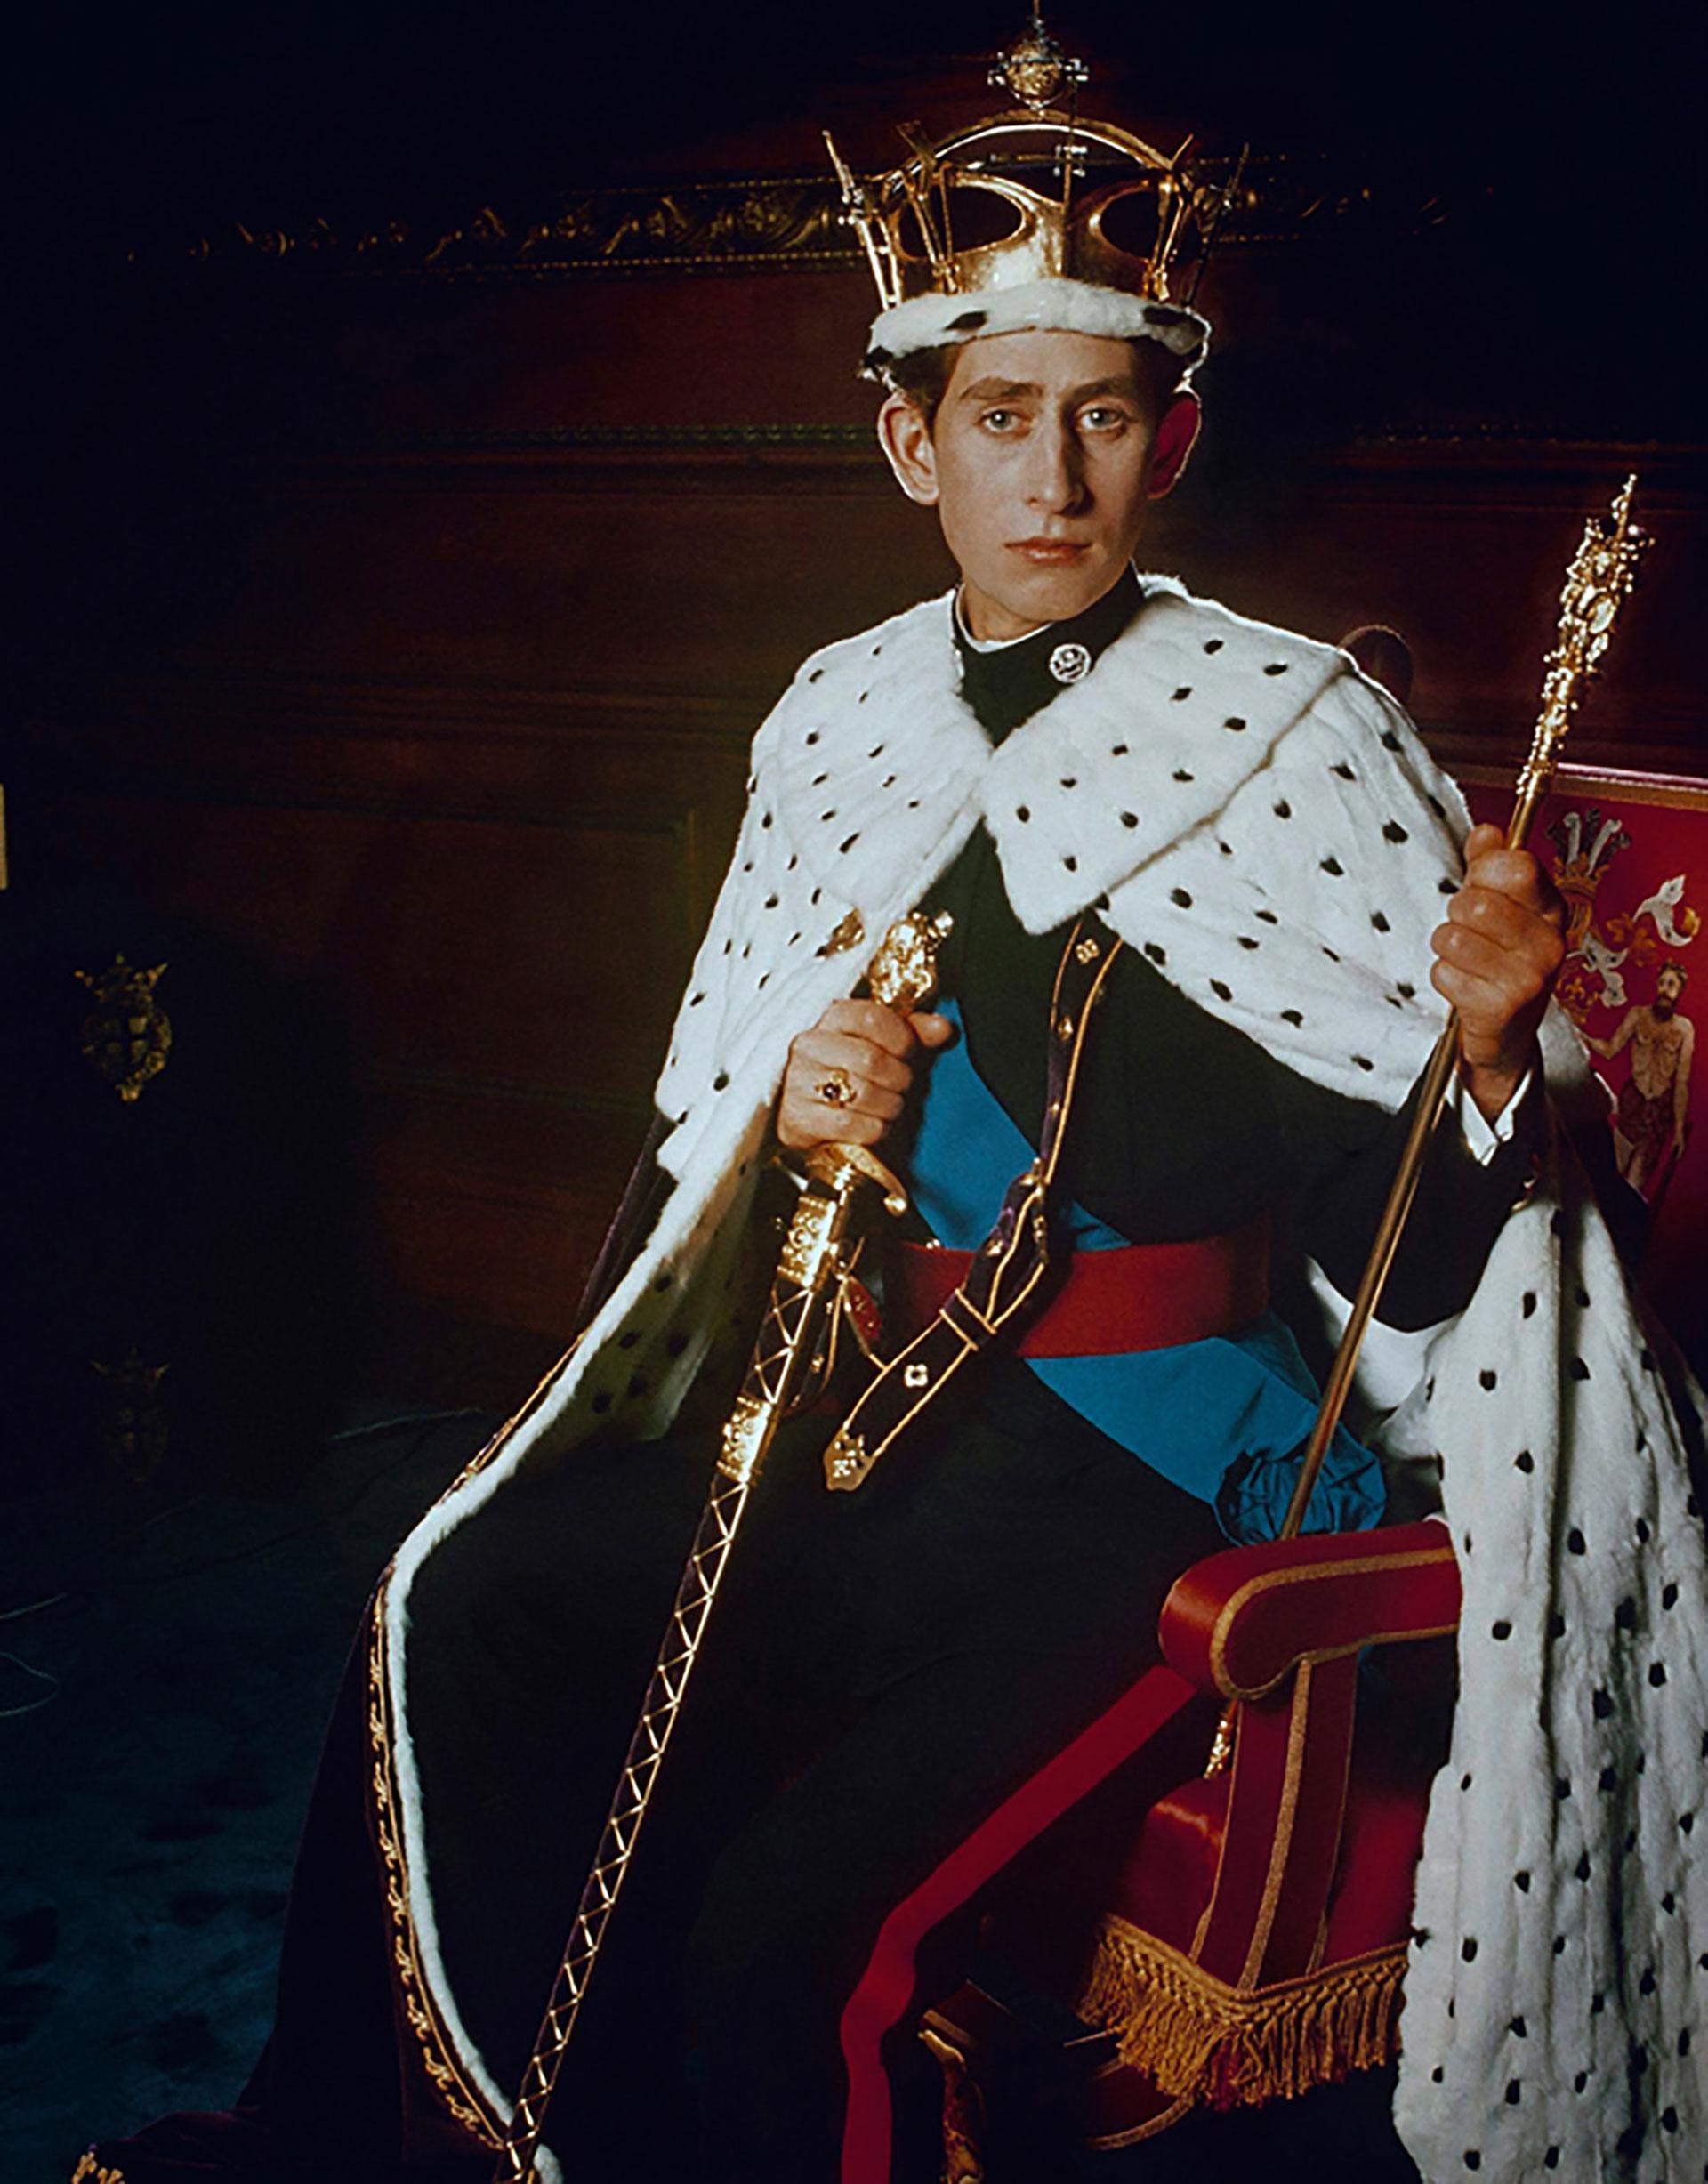 El príncipe de Gales, en una producción fotográfica de 1969 (AP)